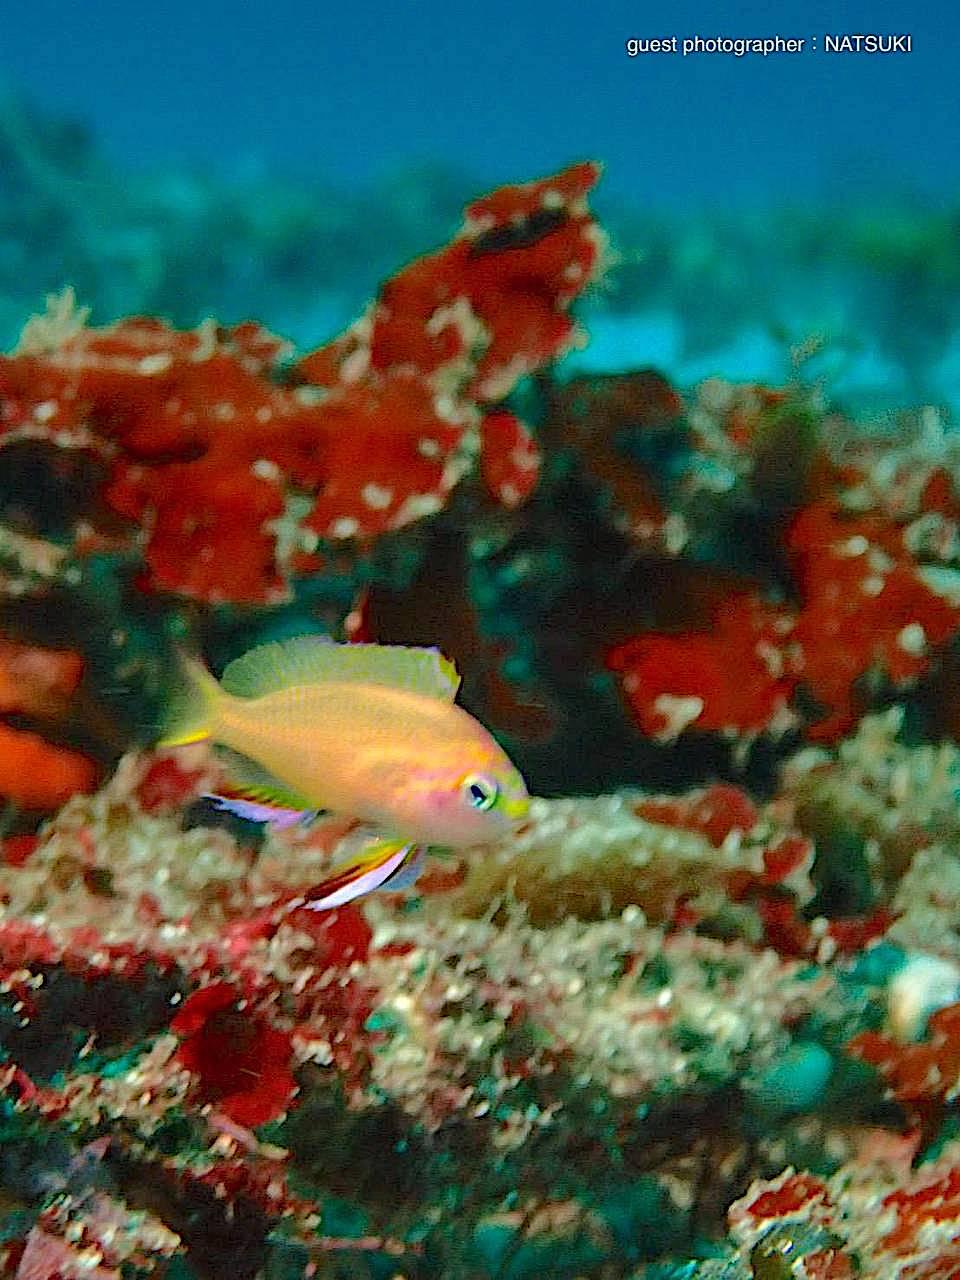 キシマハナダイの幼魚